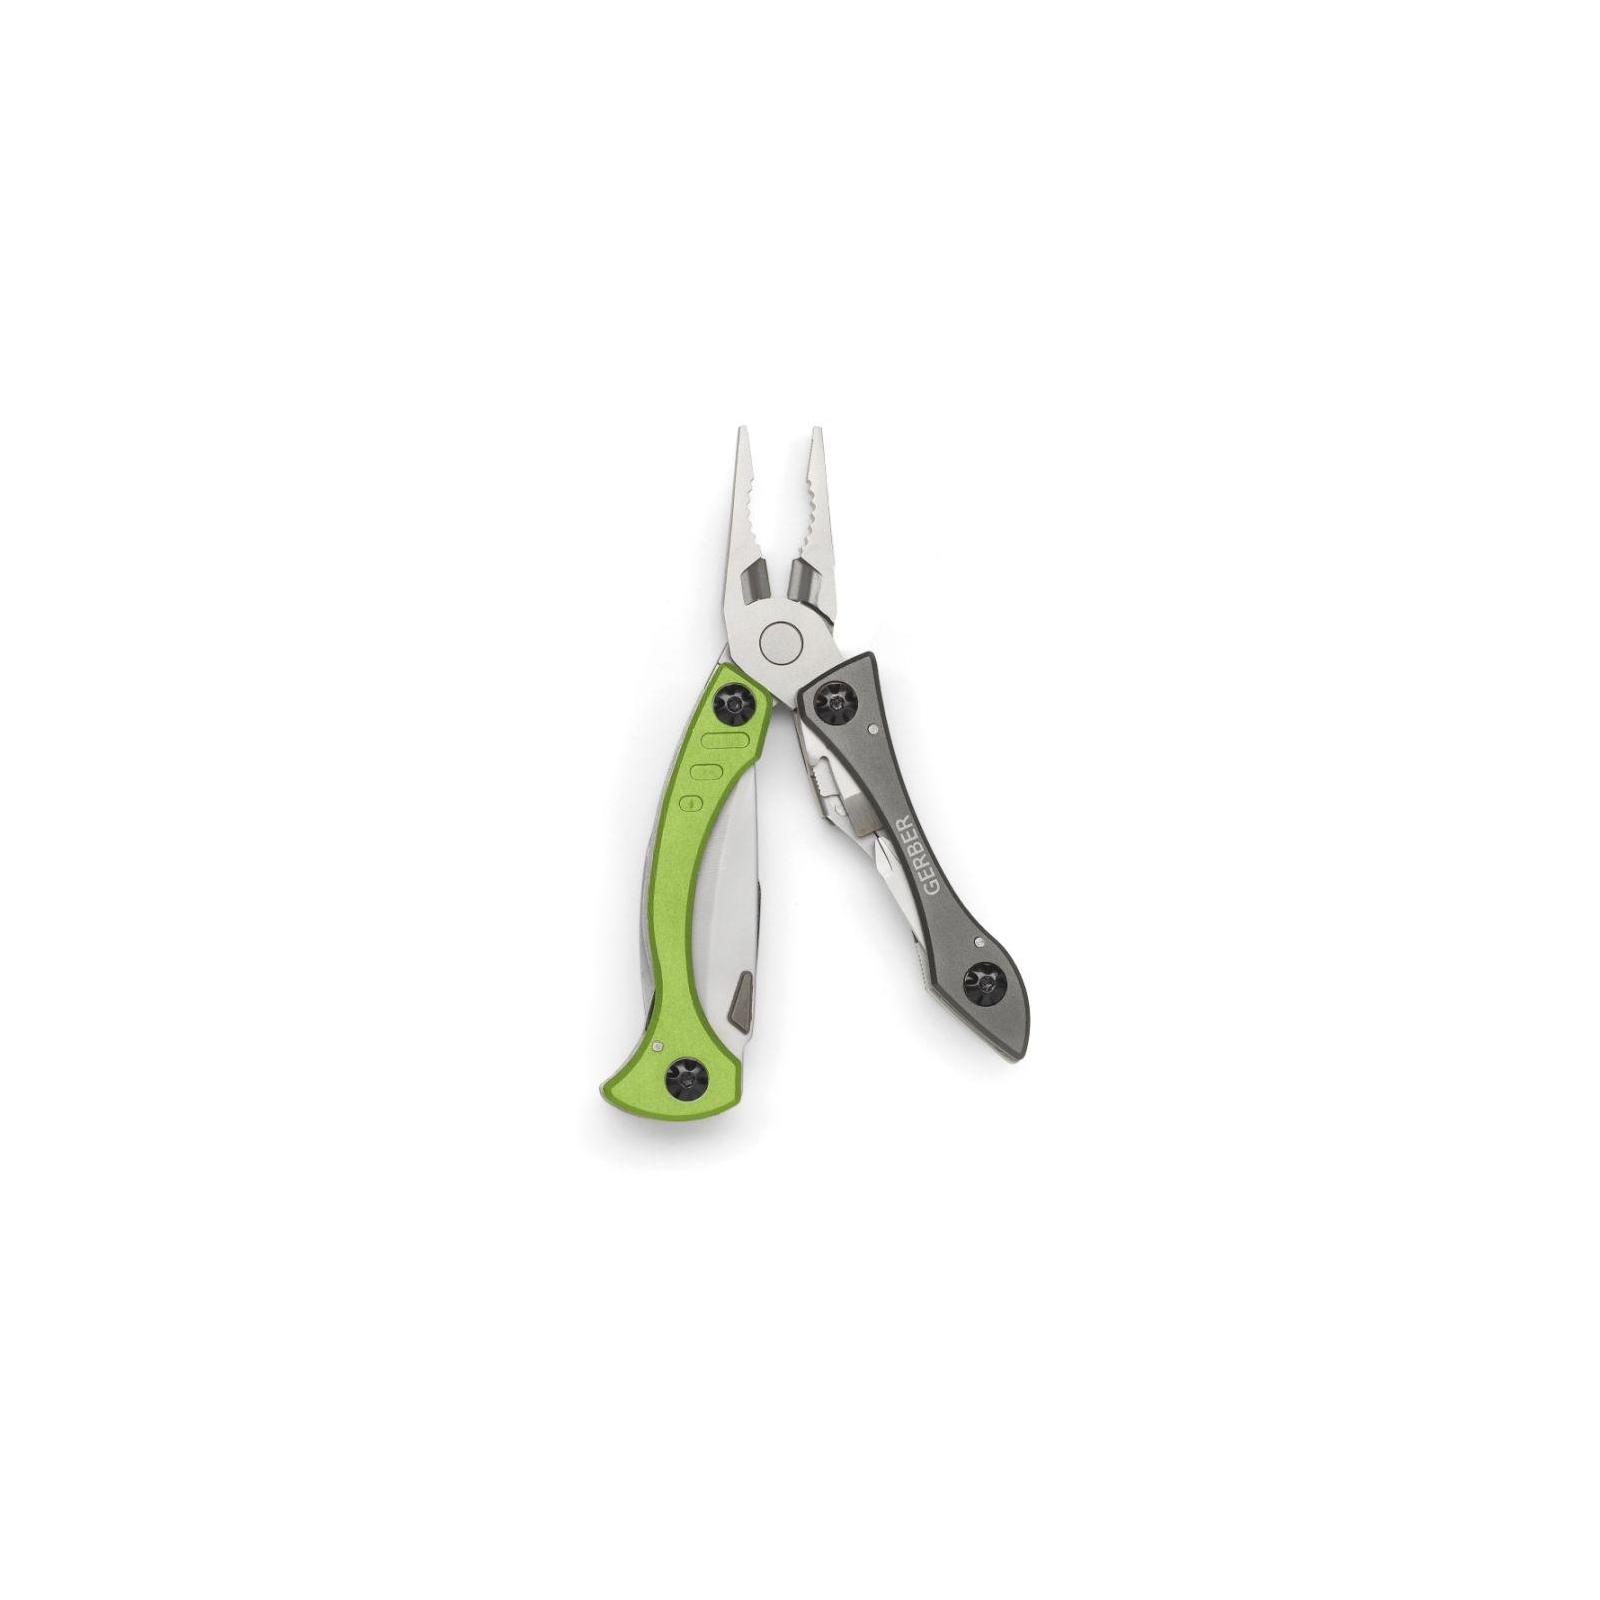 Мультитул Gerber Crucial Tool Green (31-003609) изображение 3